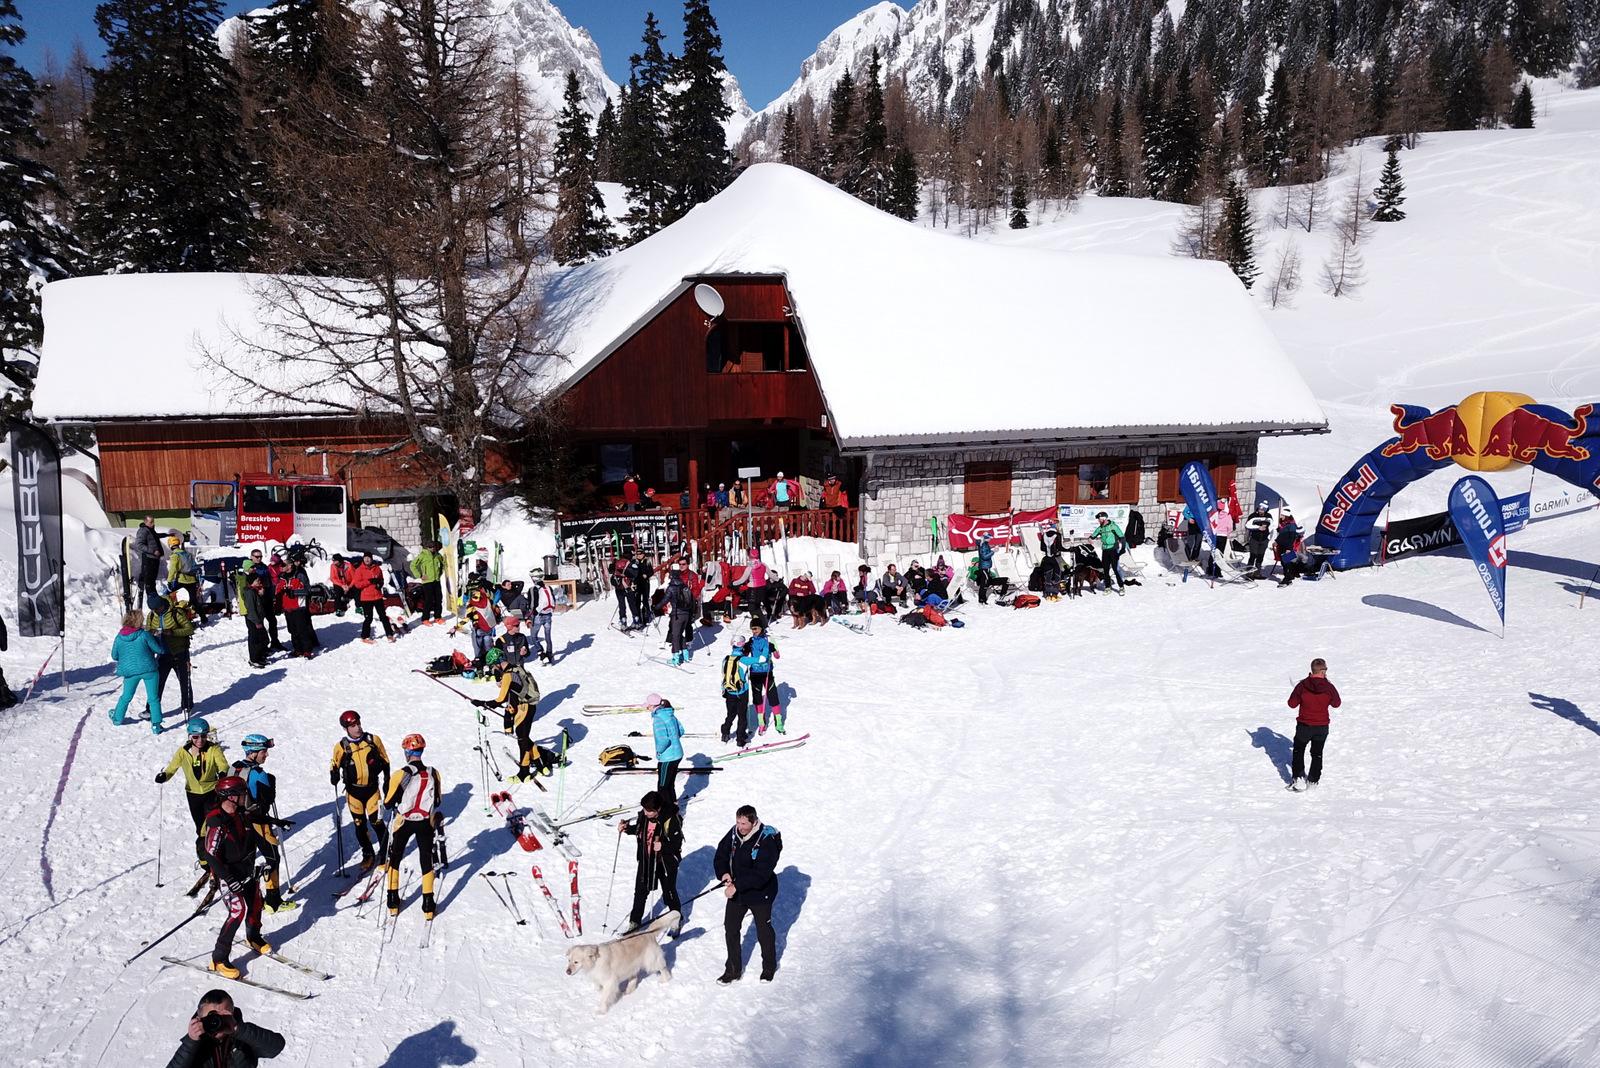 zelenica_ski_raid_2018_foto_matjaz_meglic